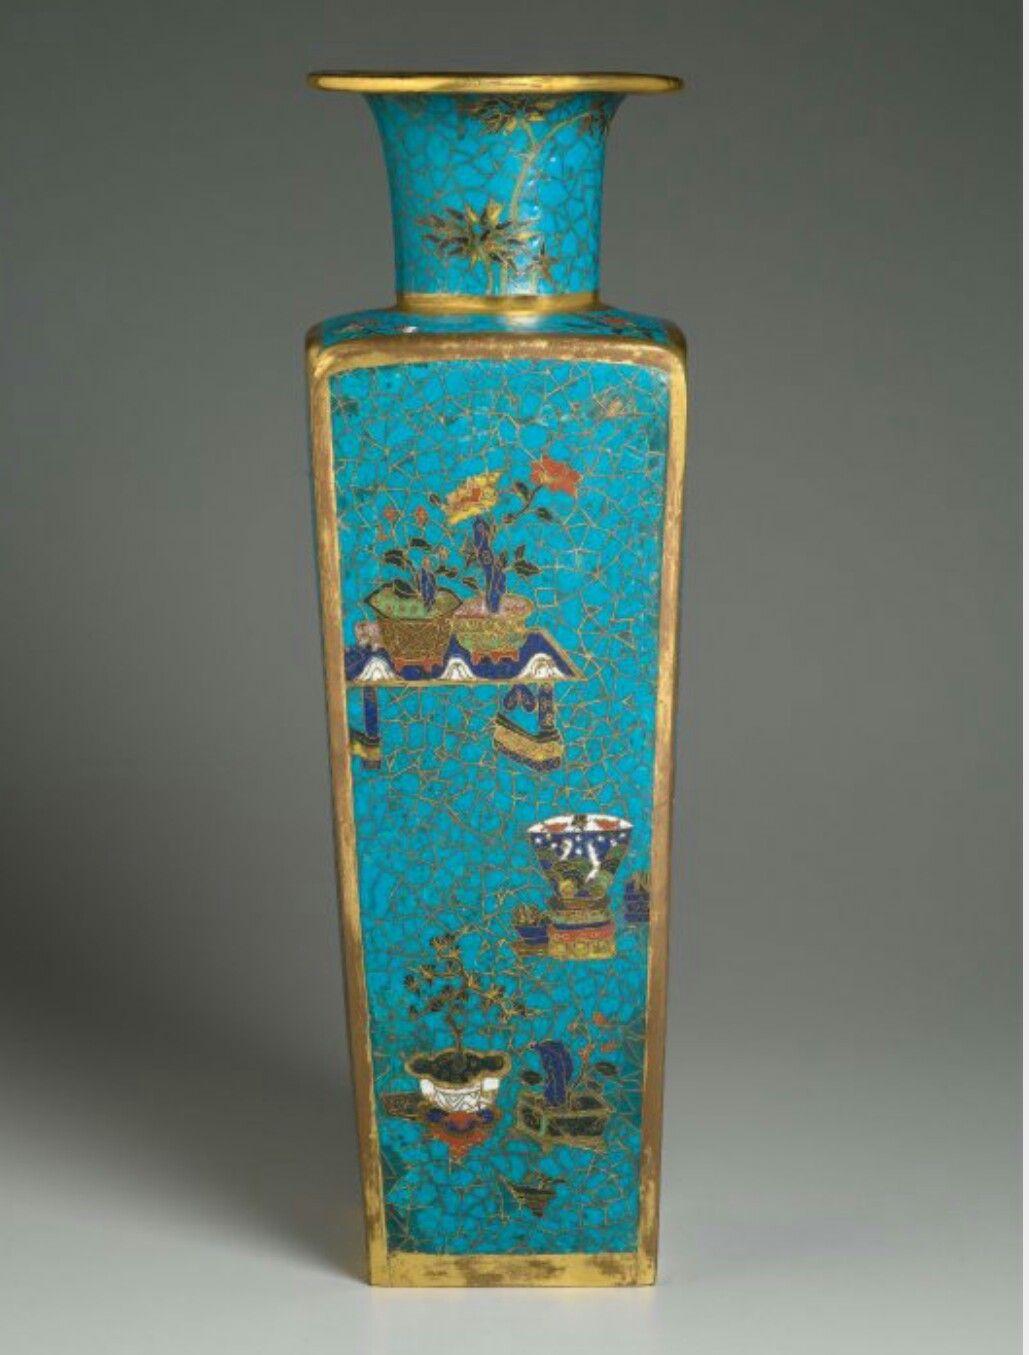 Chinese cloisonne vase antique jingtai sp blue chinese cloisonne vase antique jingtai sp blue reviewsmspy